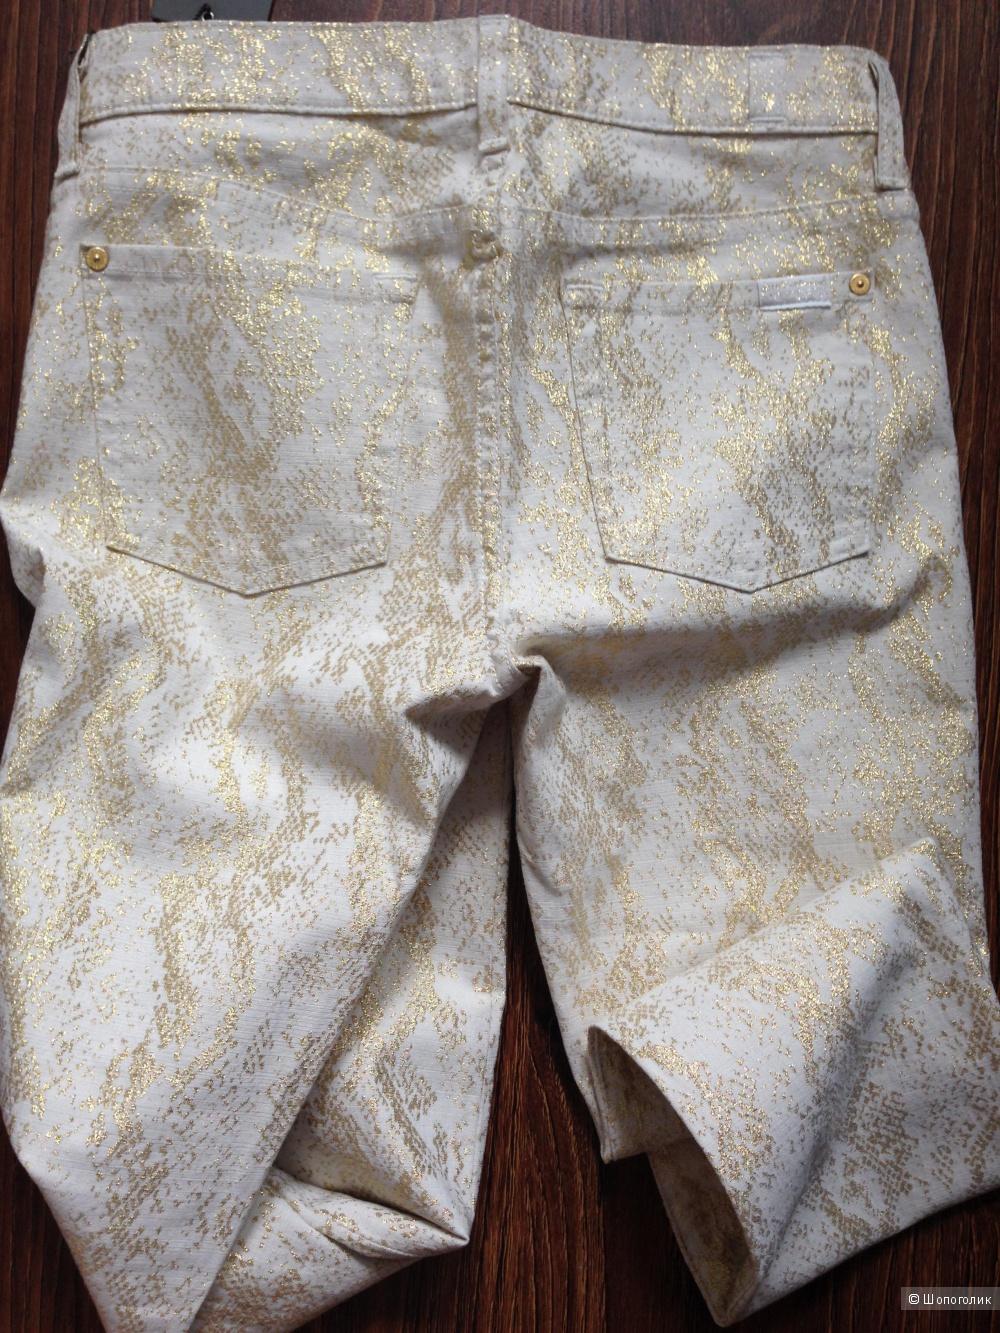 7 FOR ALL MANKIND летние золотые джинсы р.28 (44).новые.оригинал